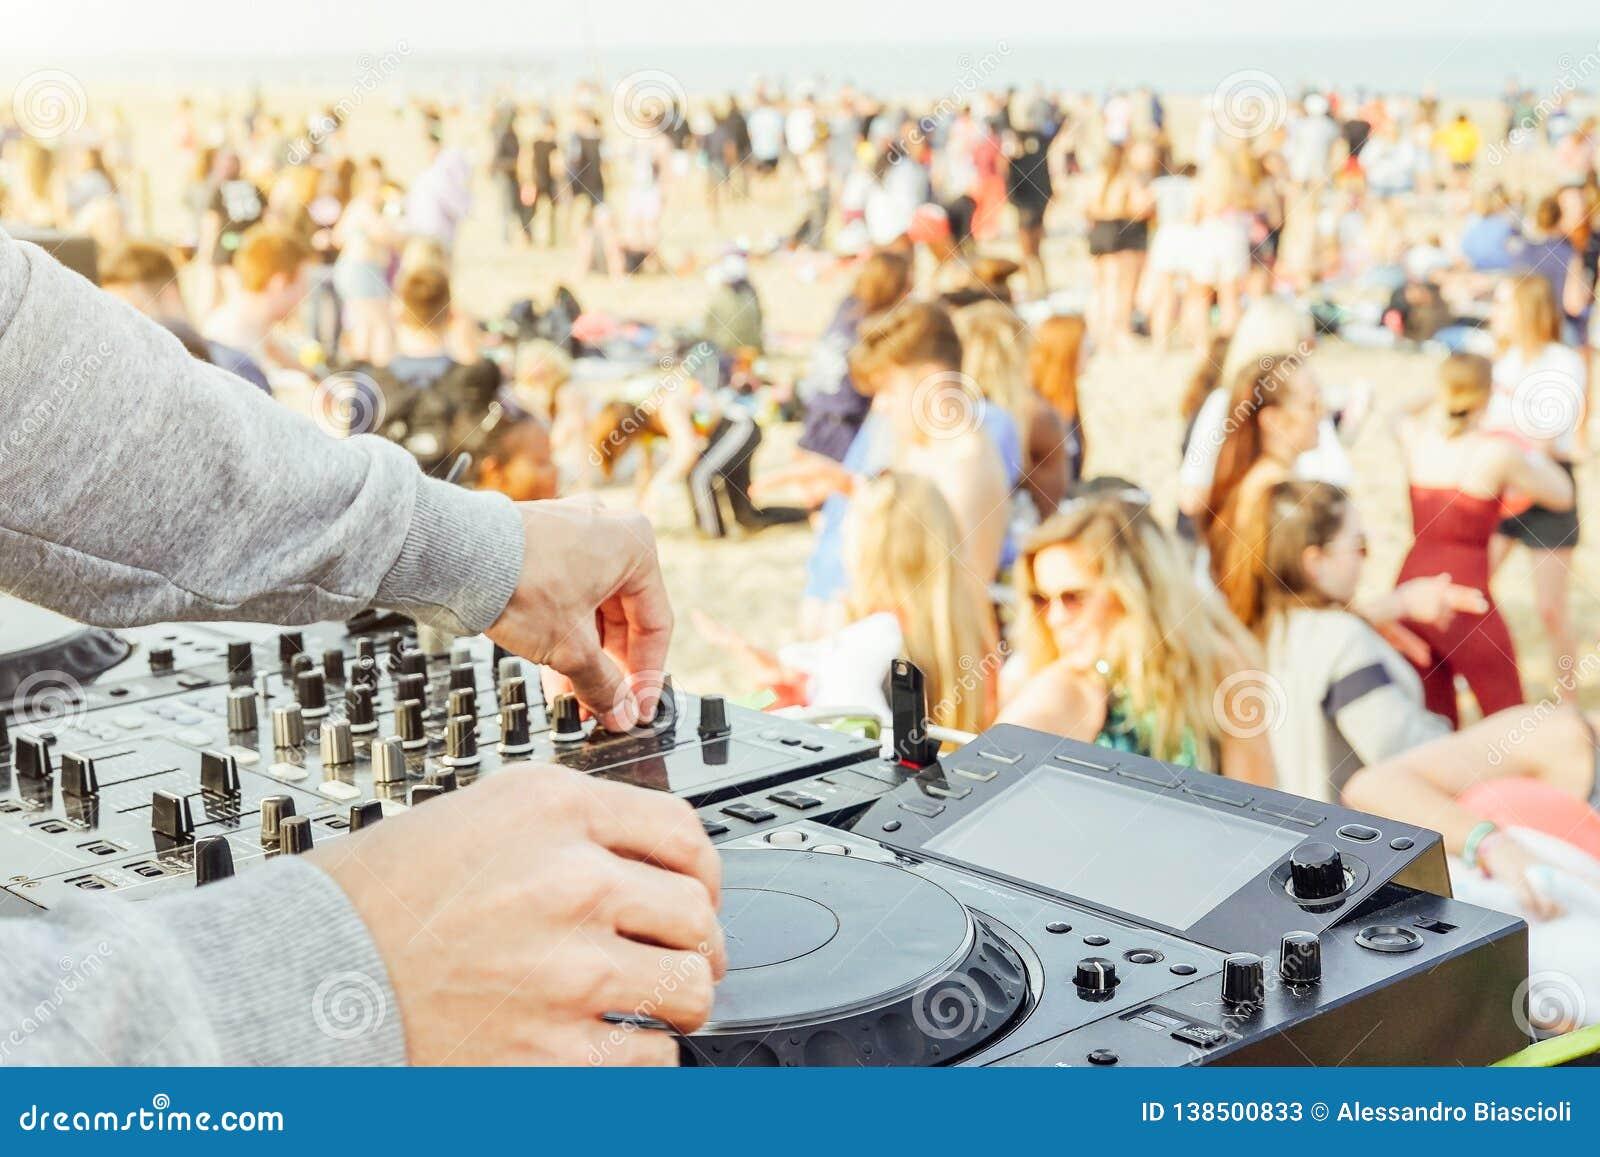 Nah oben von Hand DJ, die Musik an der Drehscheibe am Strandfestfestival - Mengenleutetanzen und haben, spielt Spaß im Verein im